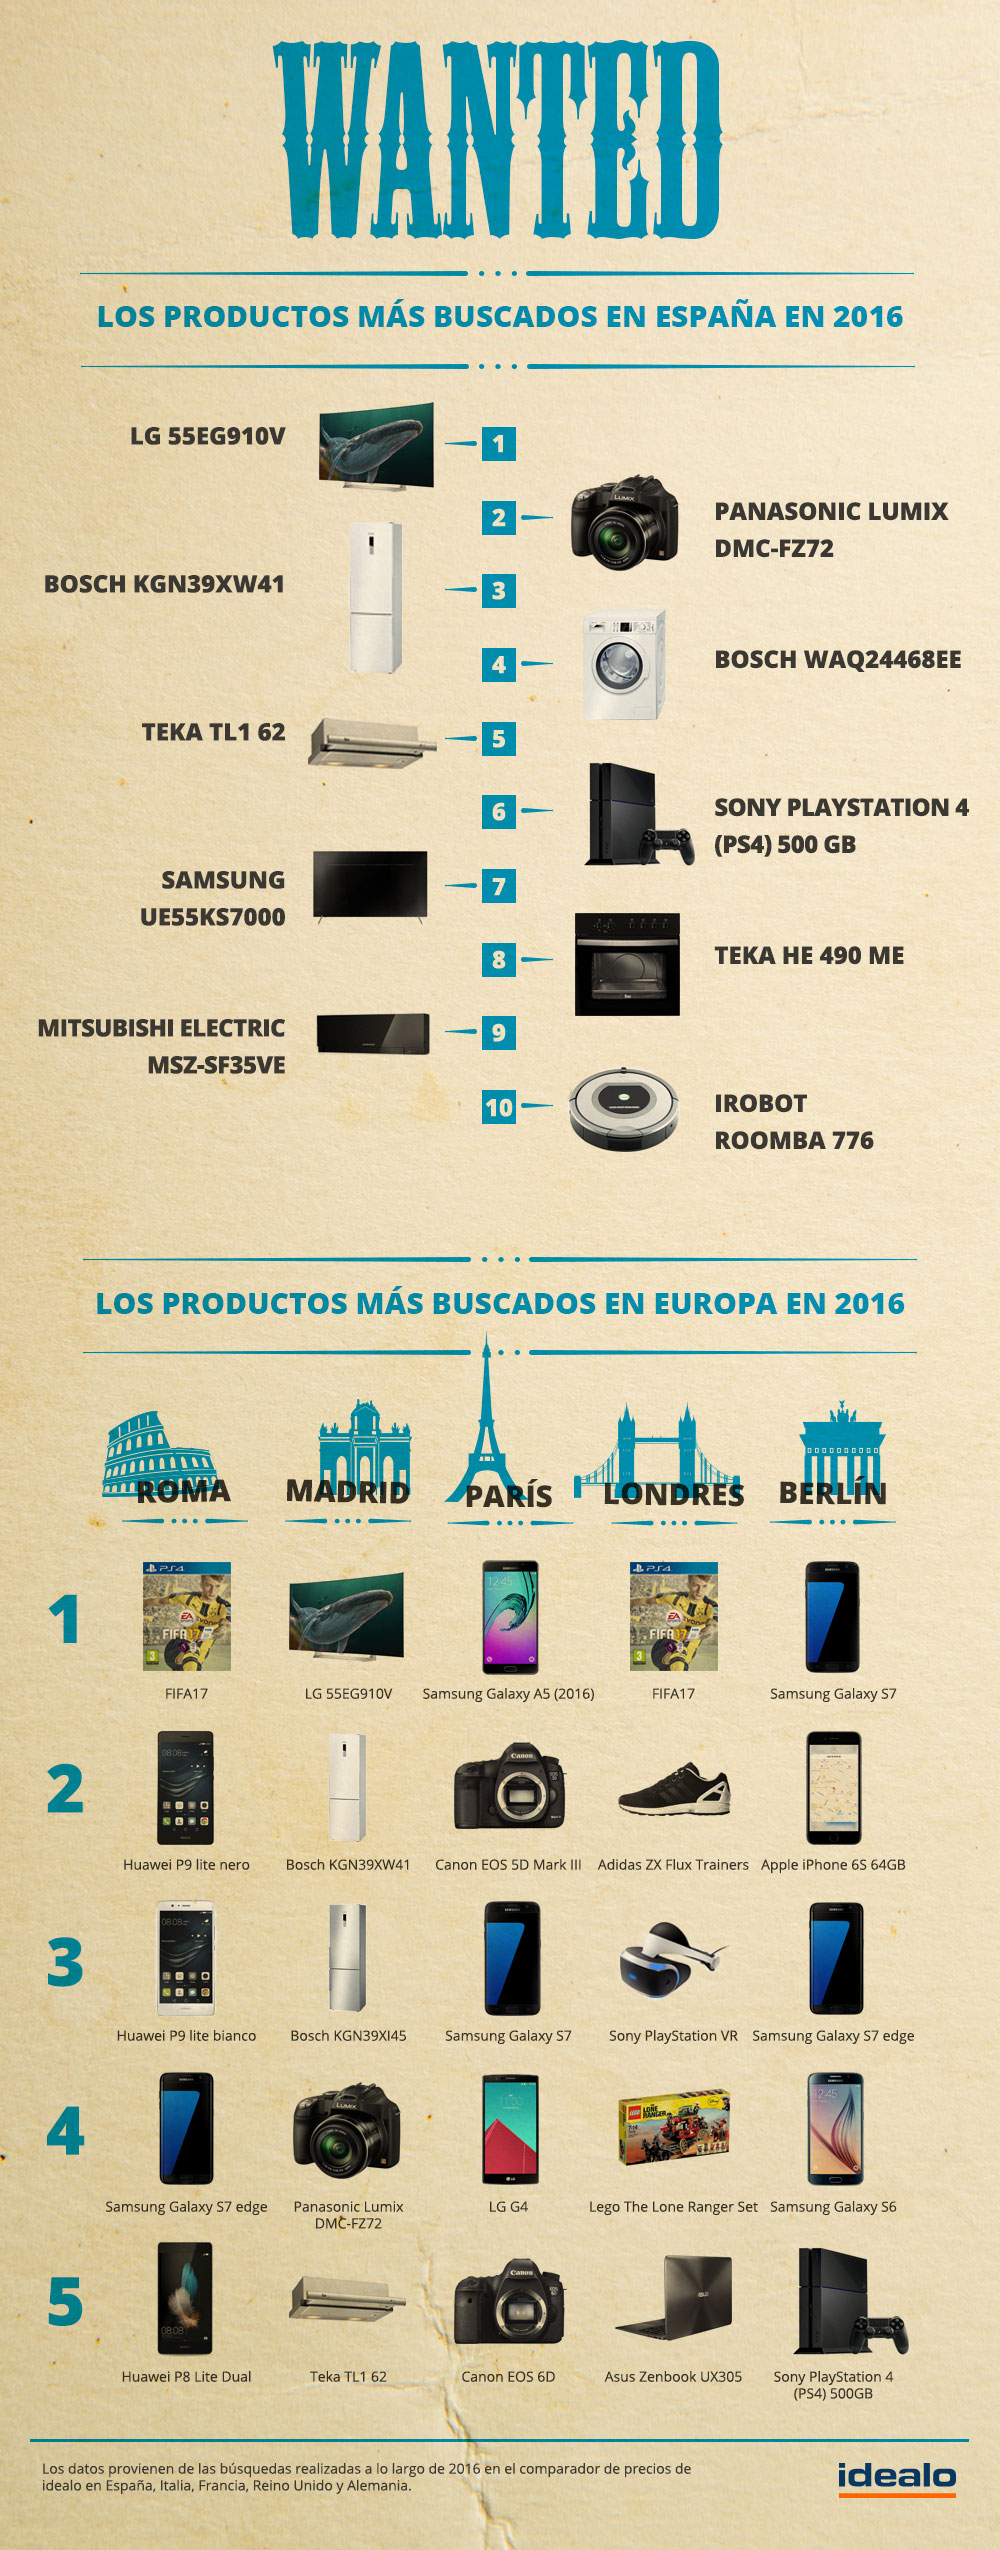 Los productos más buscados del 2016 en España